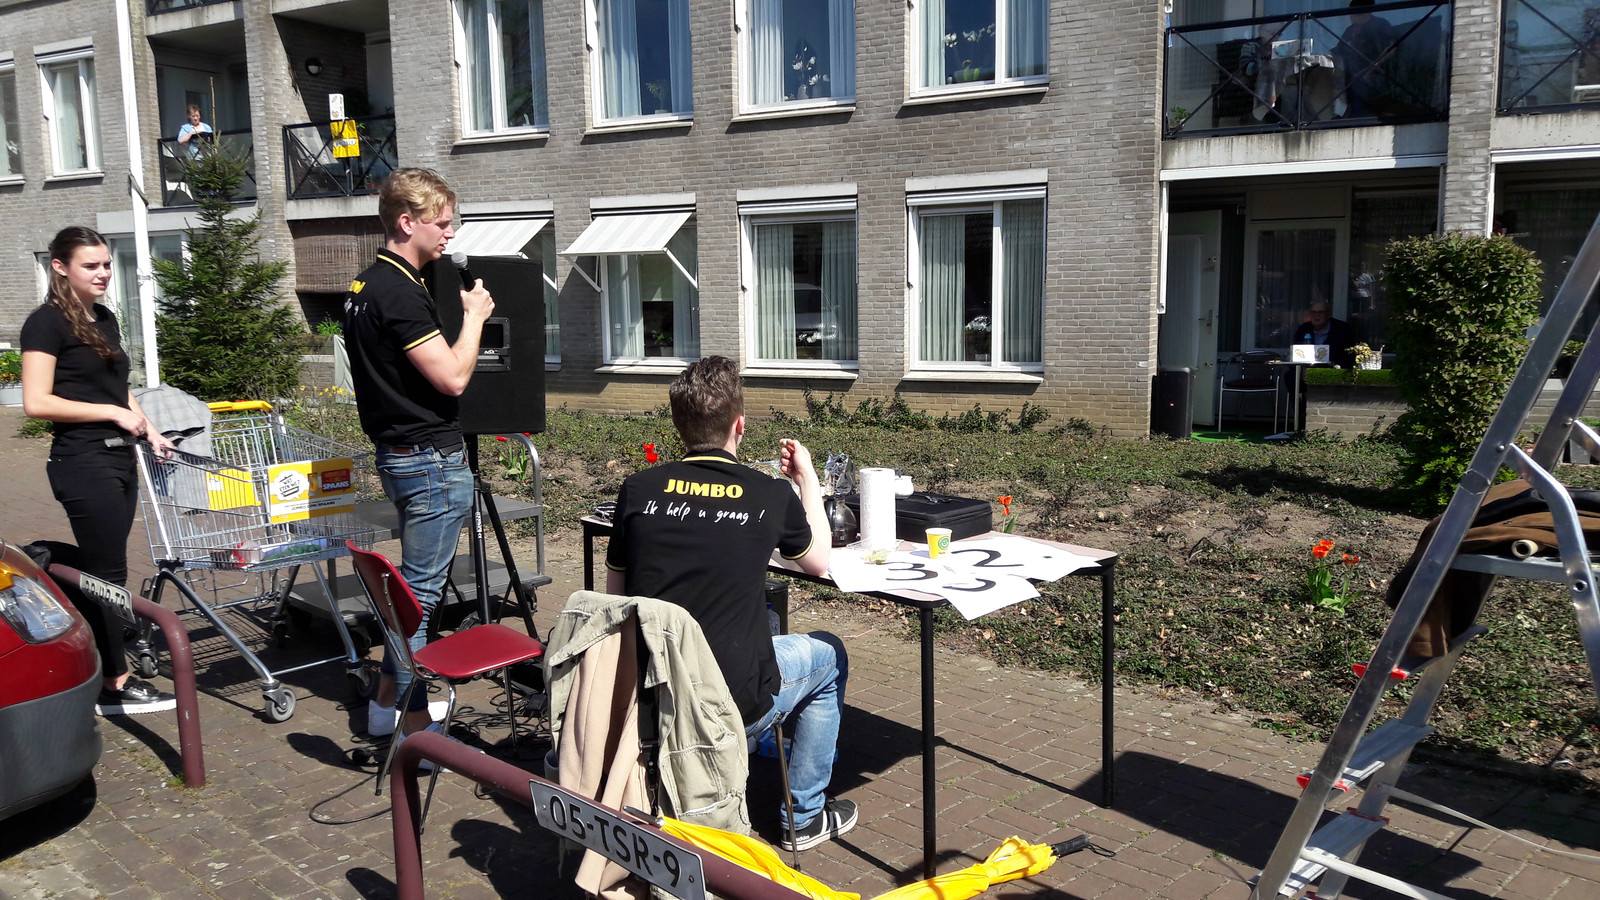 De eerste van vier bingo-sessies rondom zorgcentrum De Wijers in Schaijk.